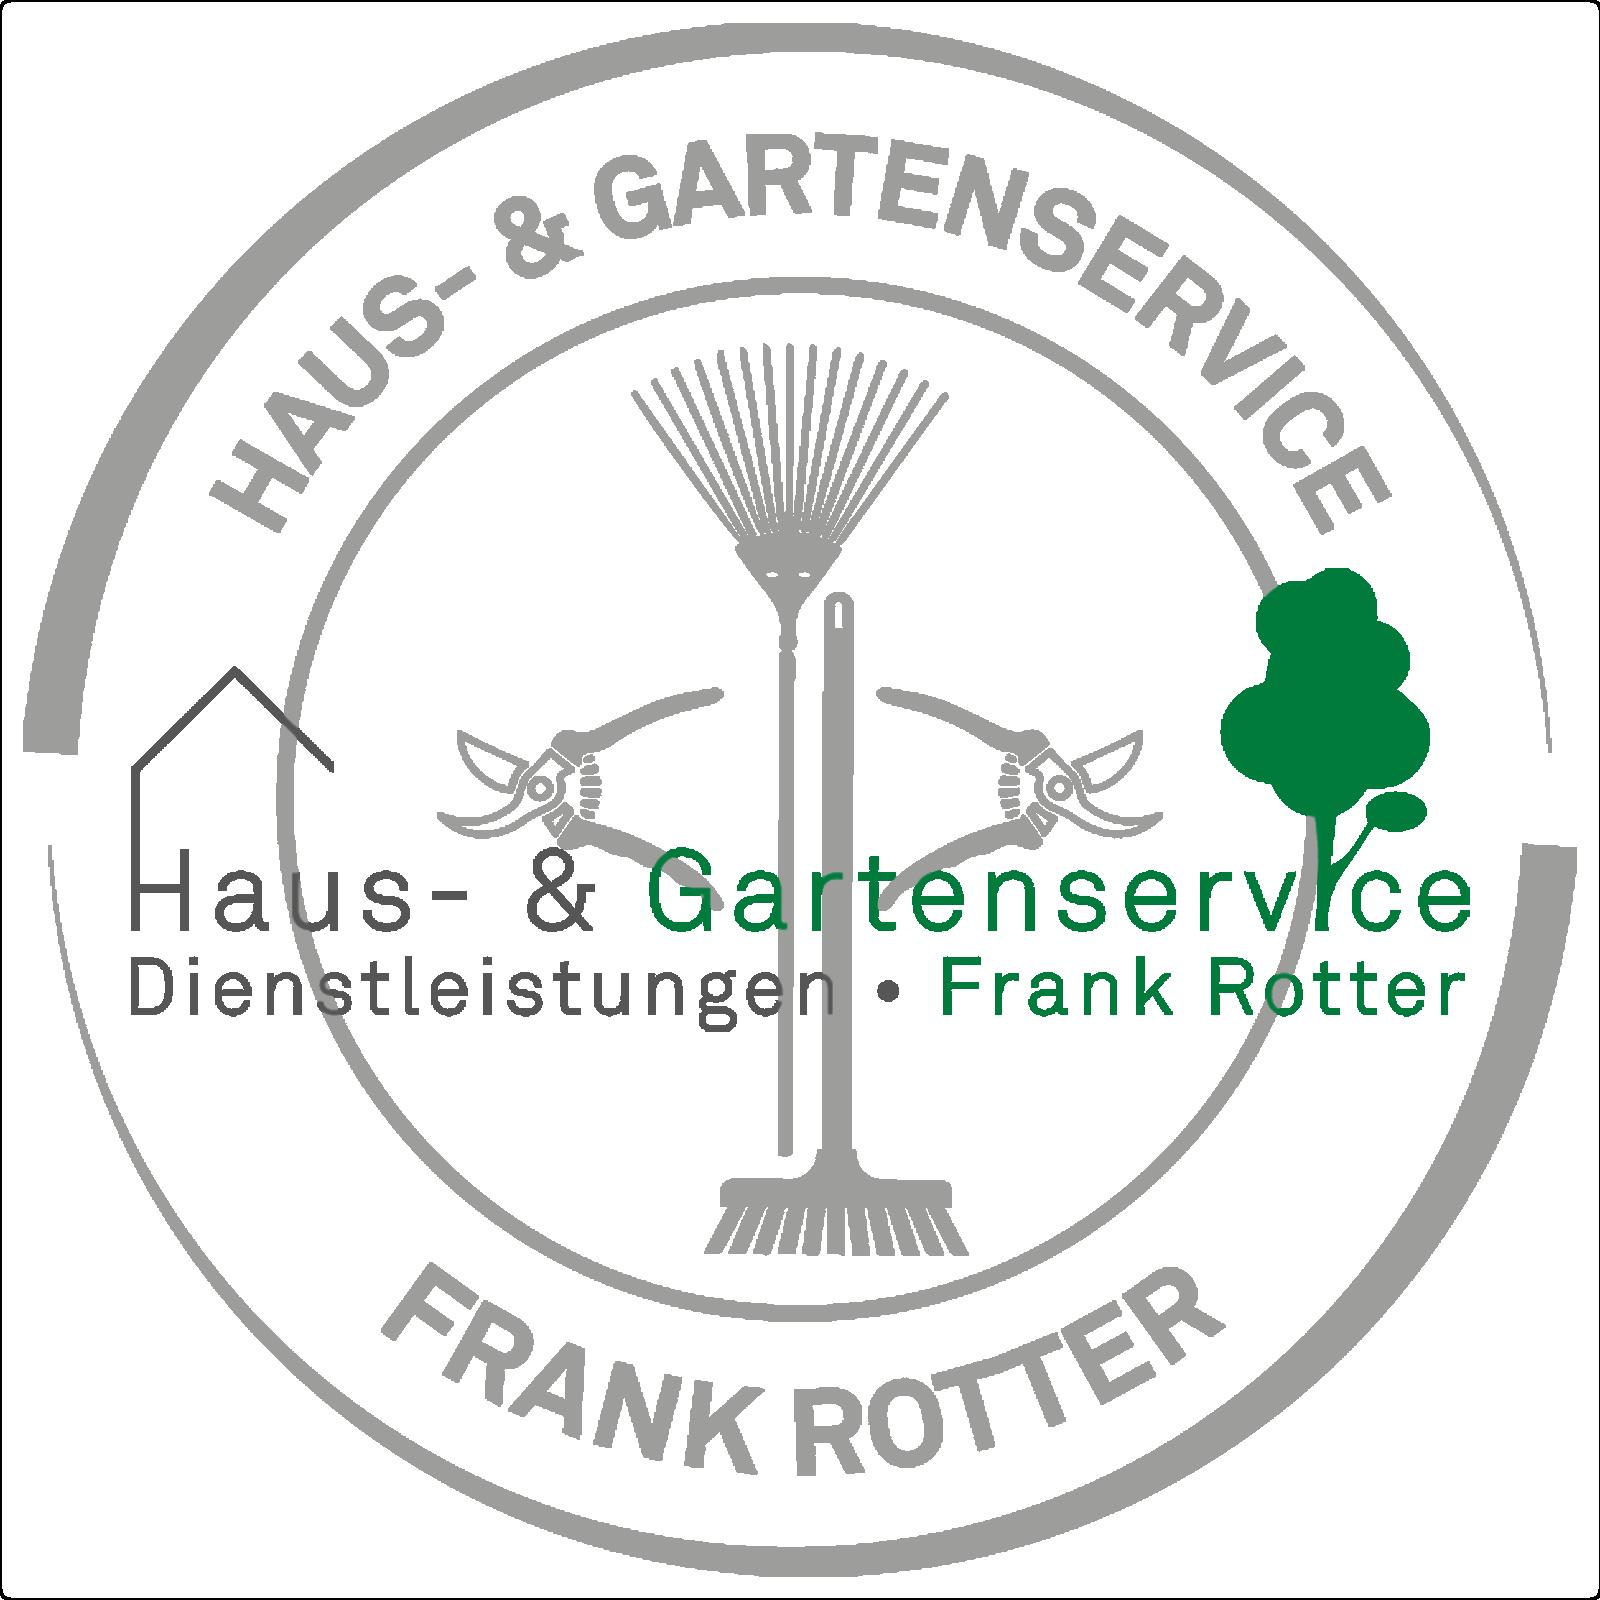 CD Gartenservice